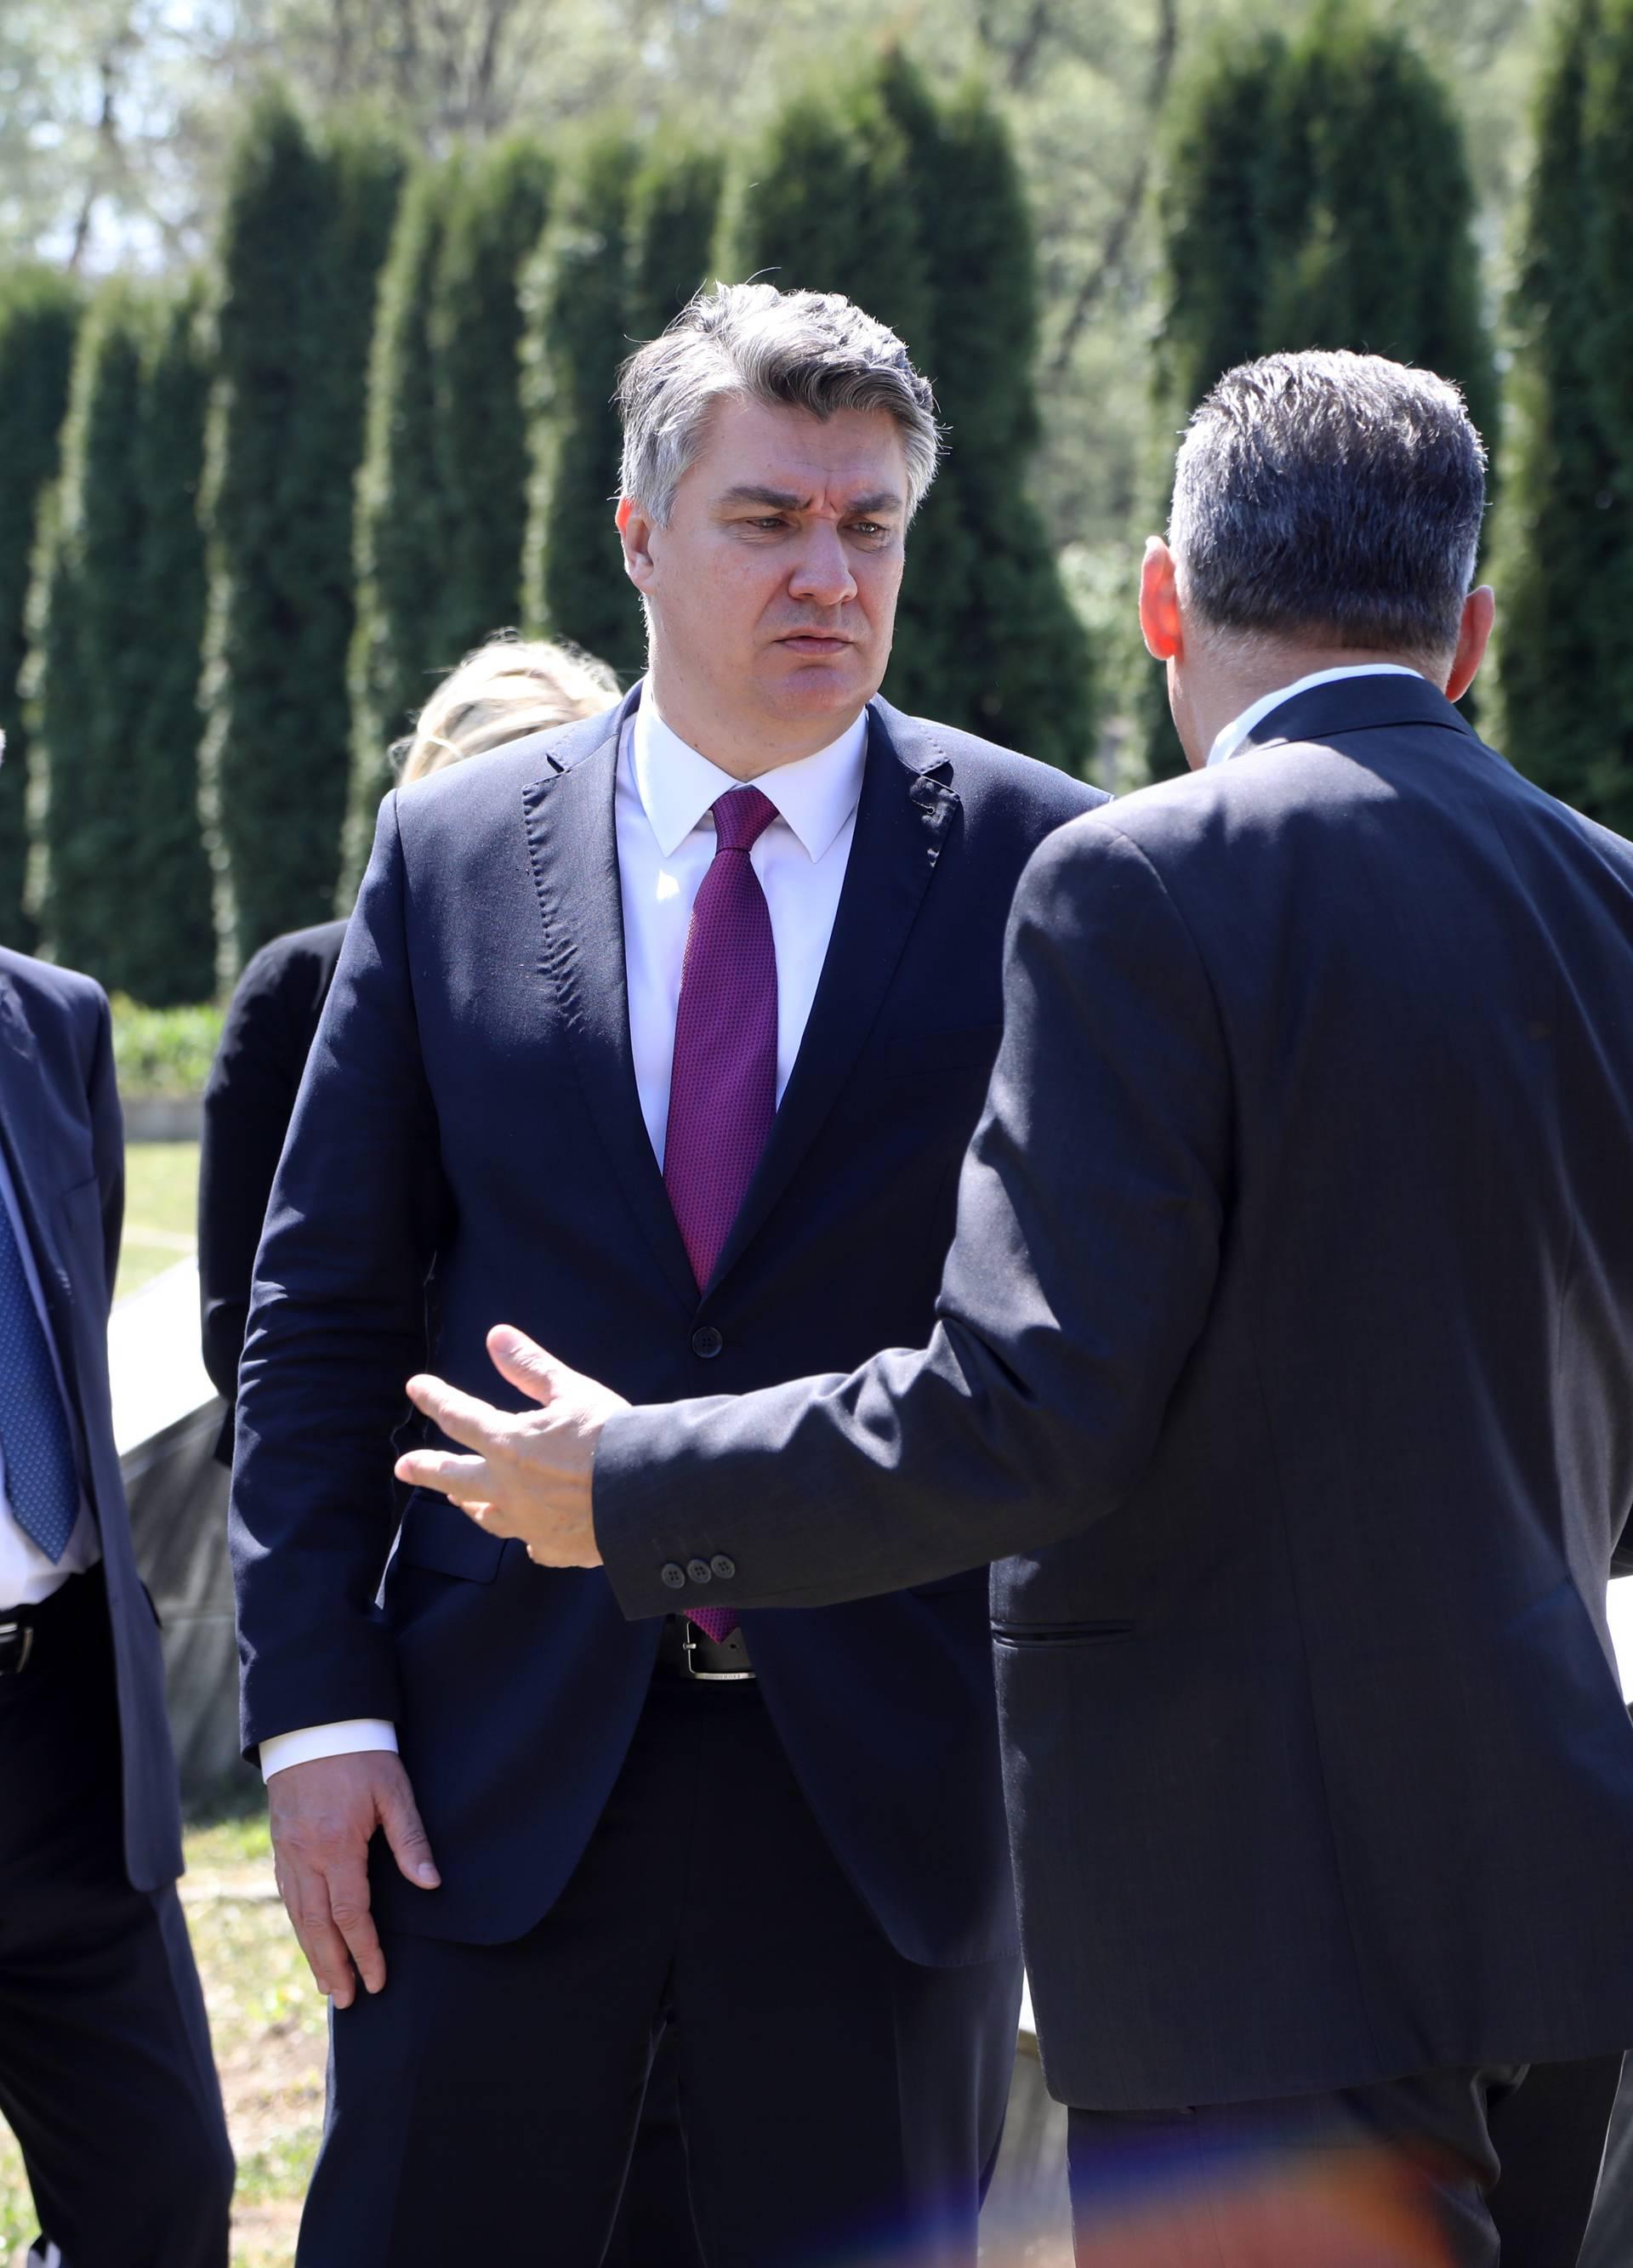 'Sumnjam da će Plenković pristati na zajednički vijenac'